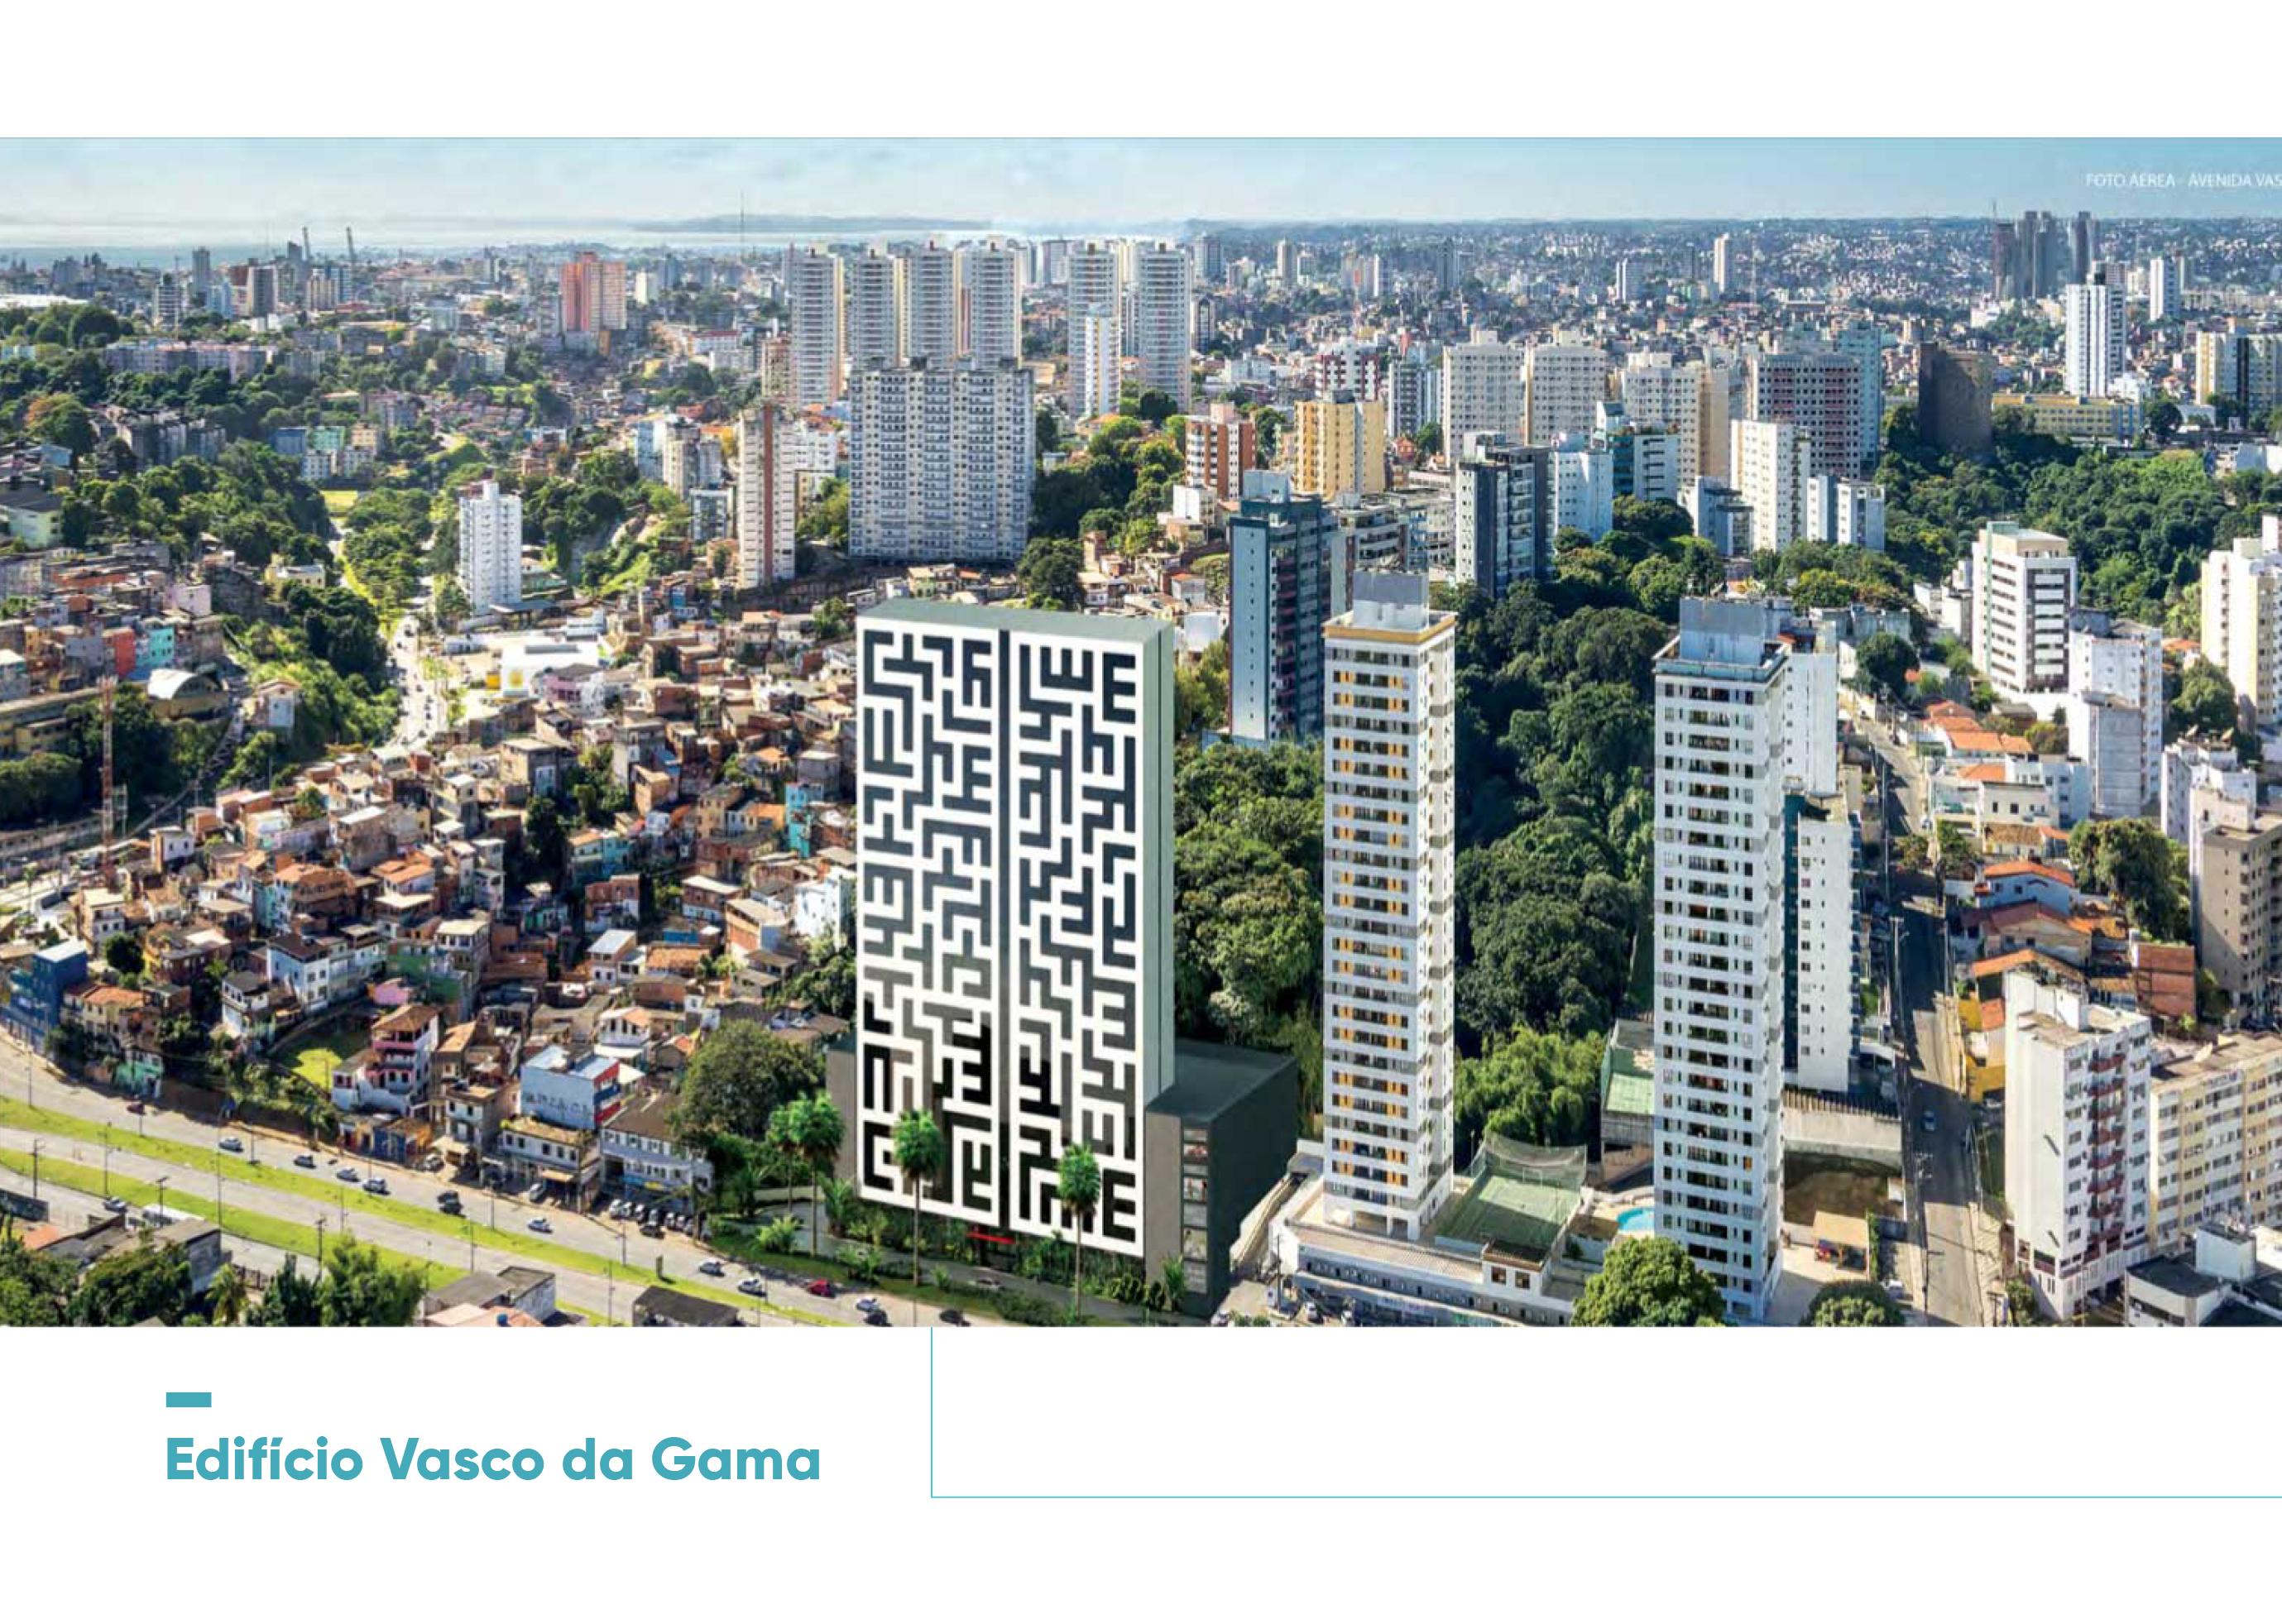 Arquiteto: Fernando Peixoto